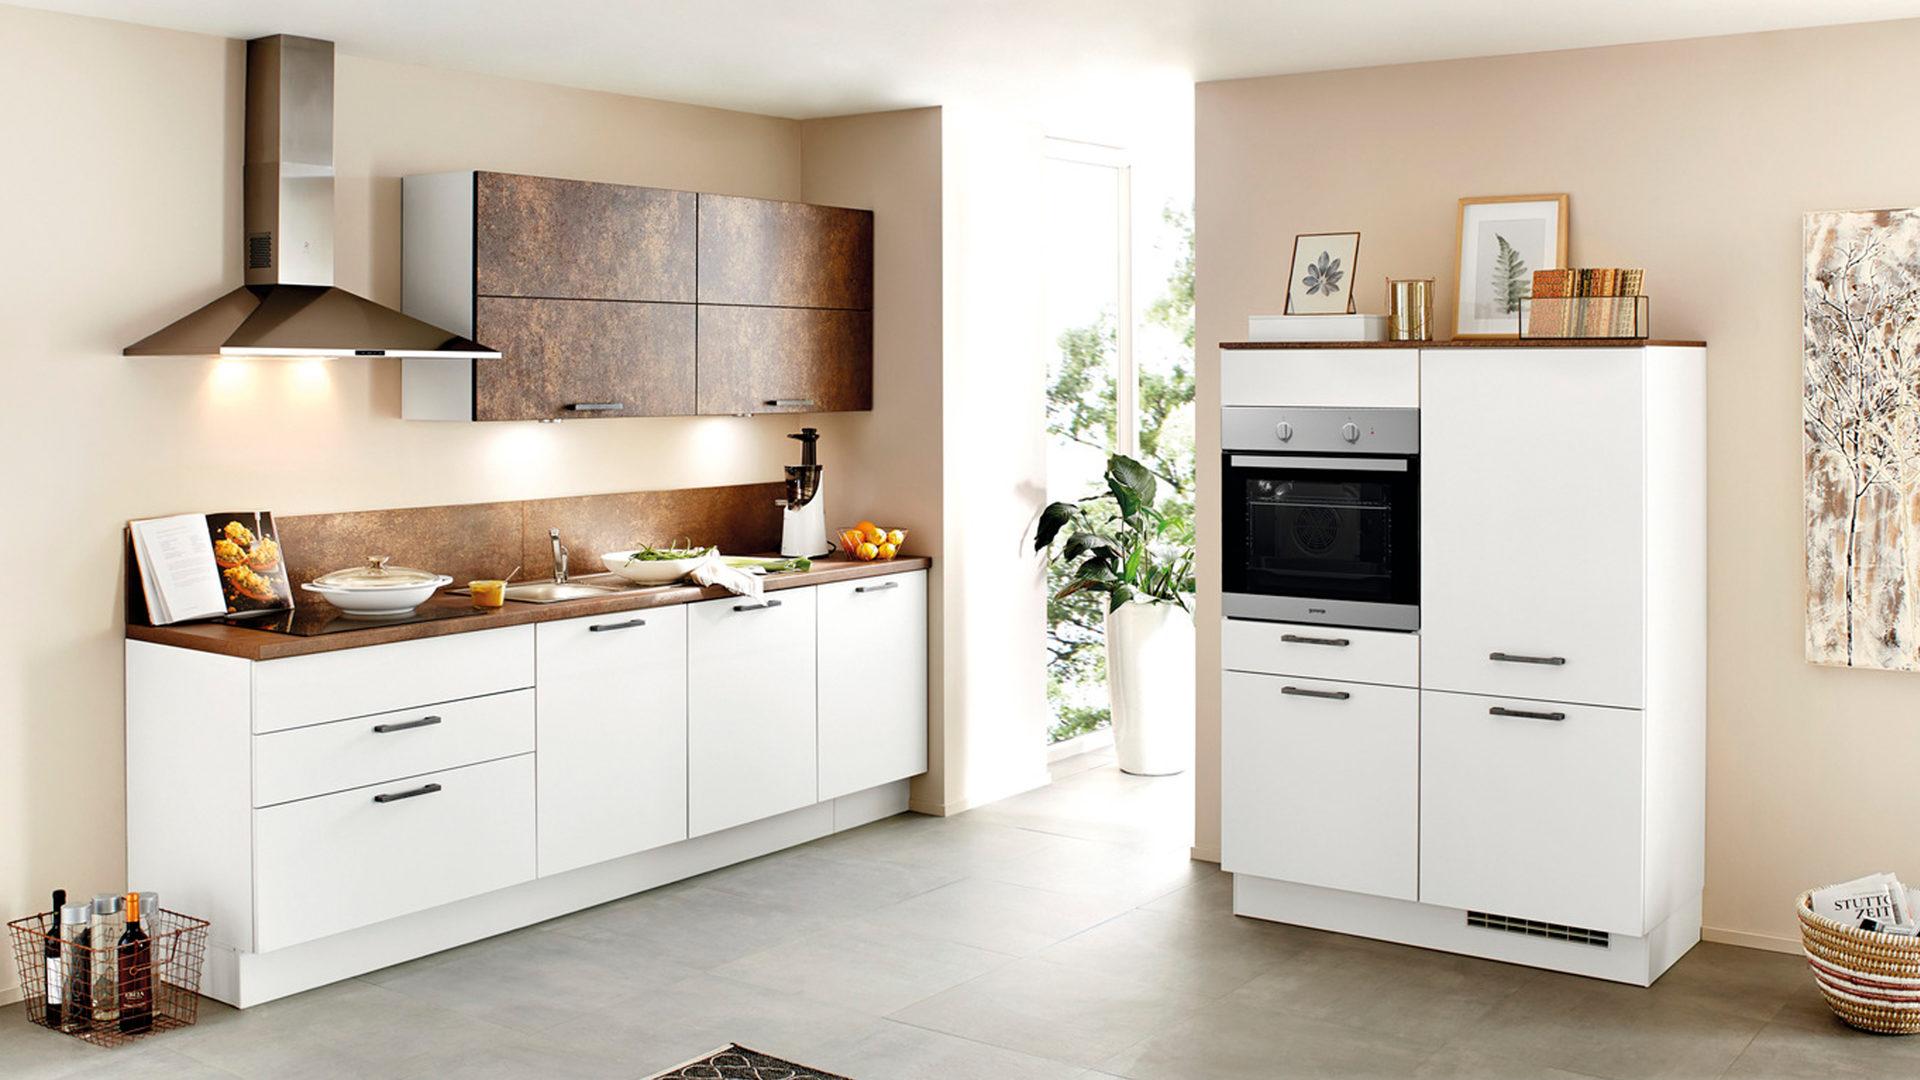 Möbel Boer Coesfeld   Möbel A-Z   Küchen   Einbauküche, Servierwagen